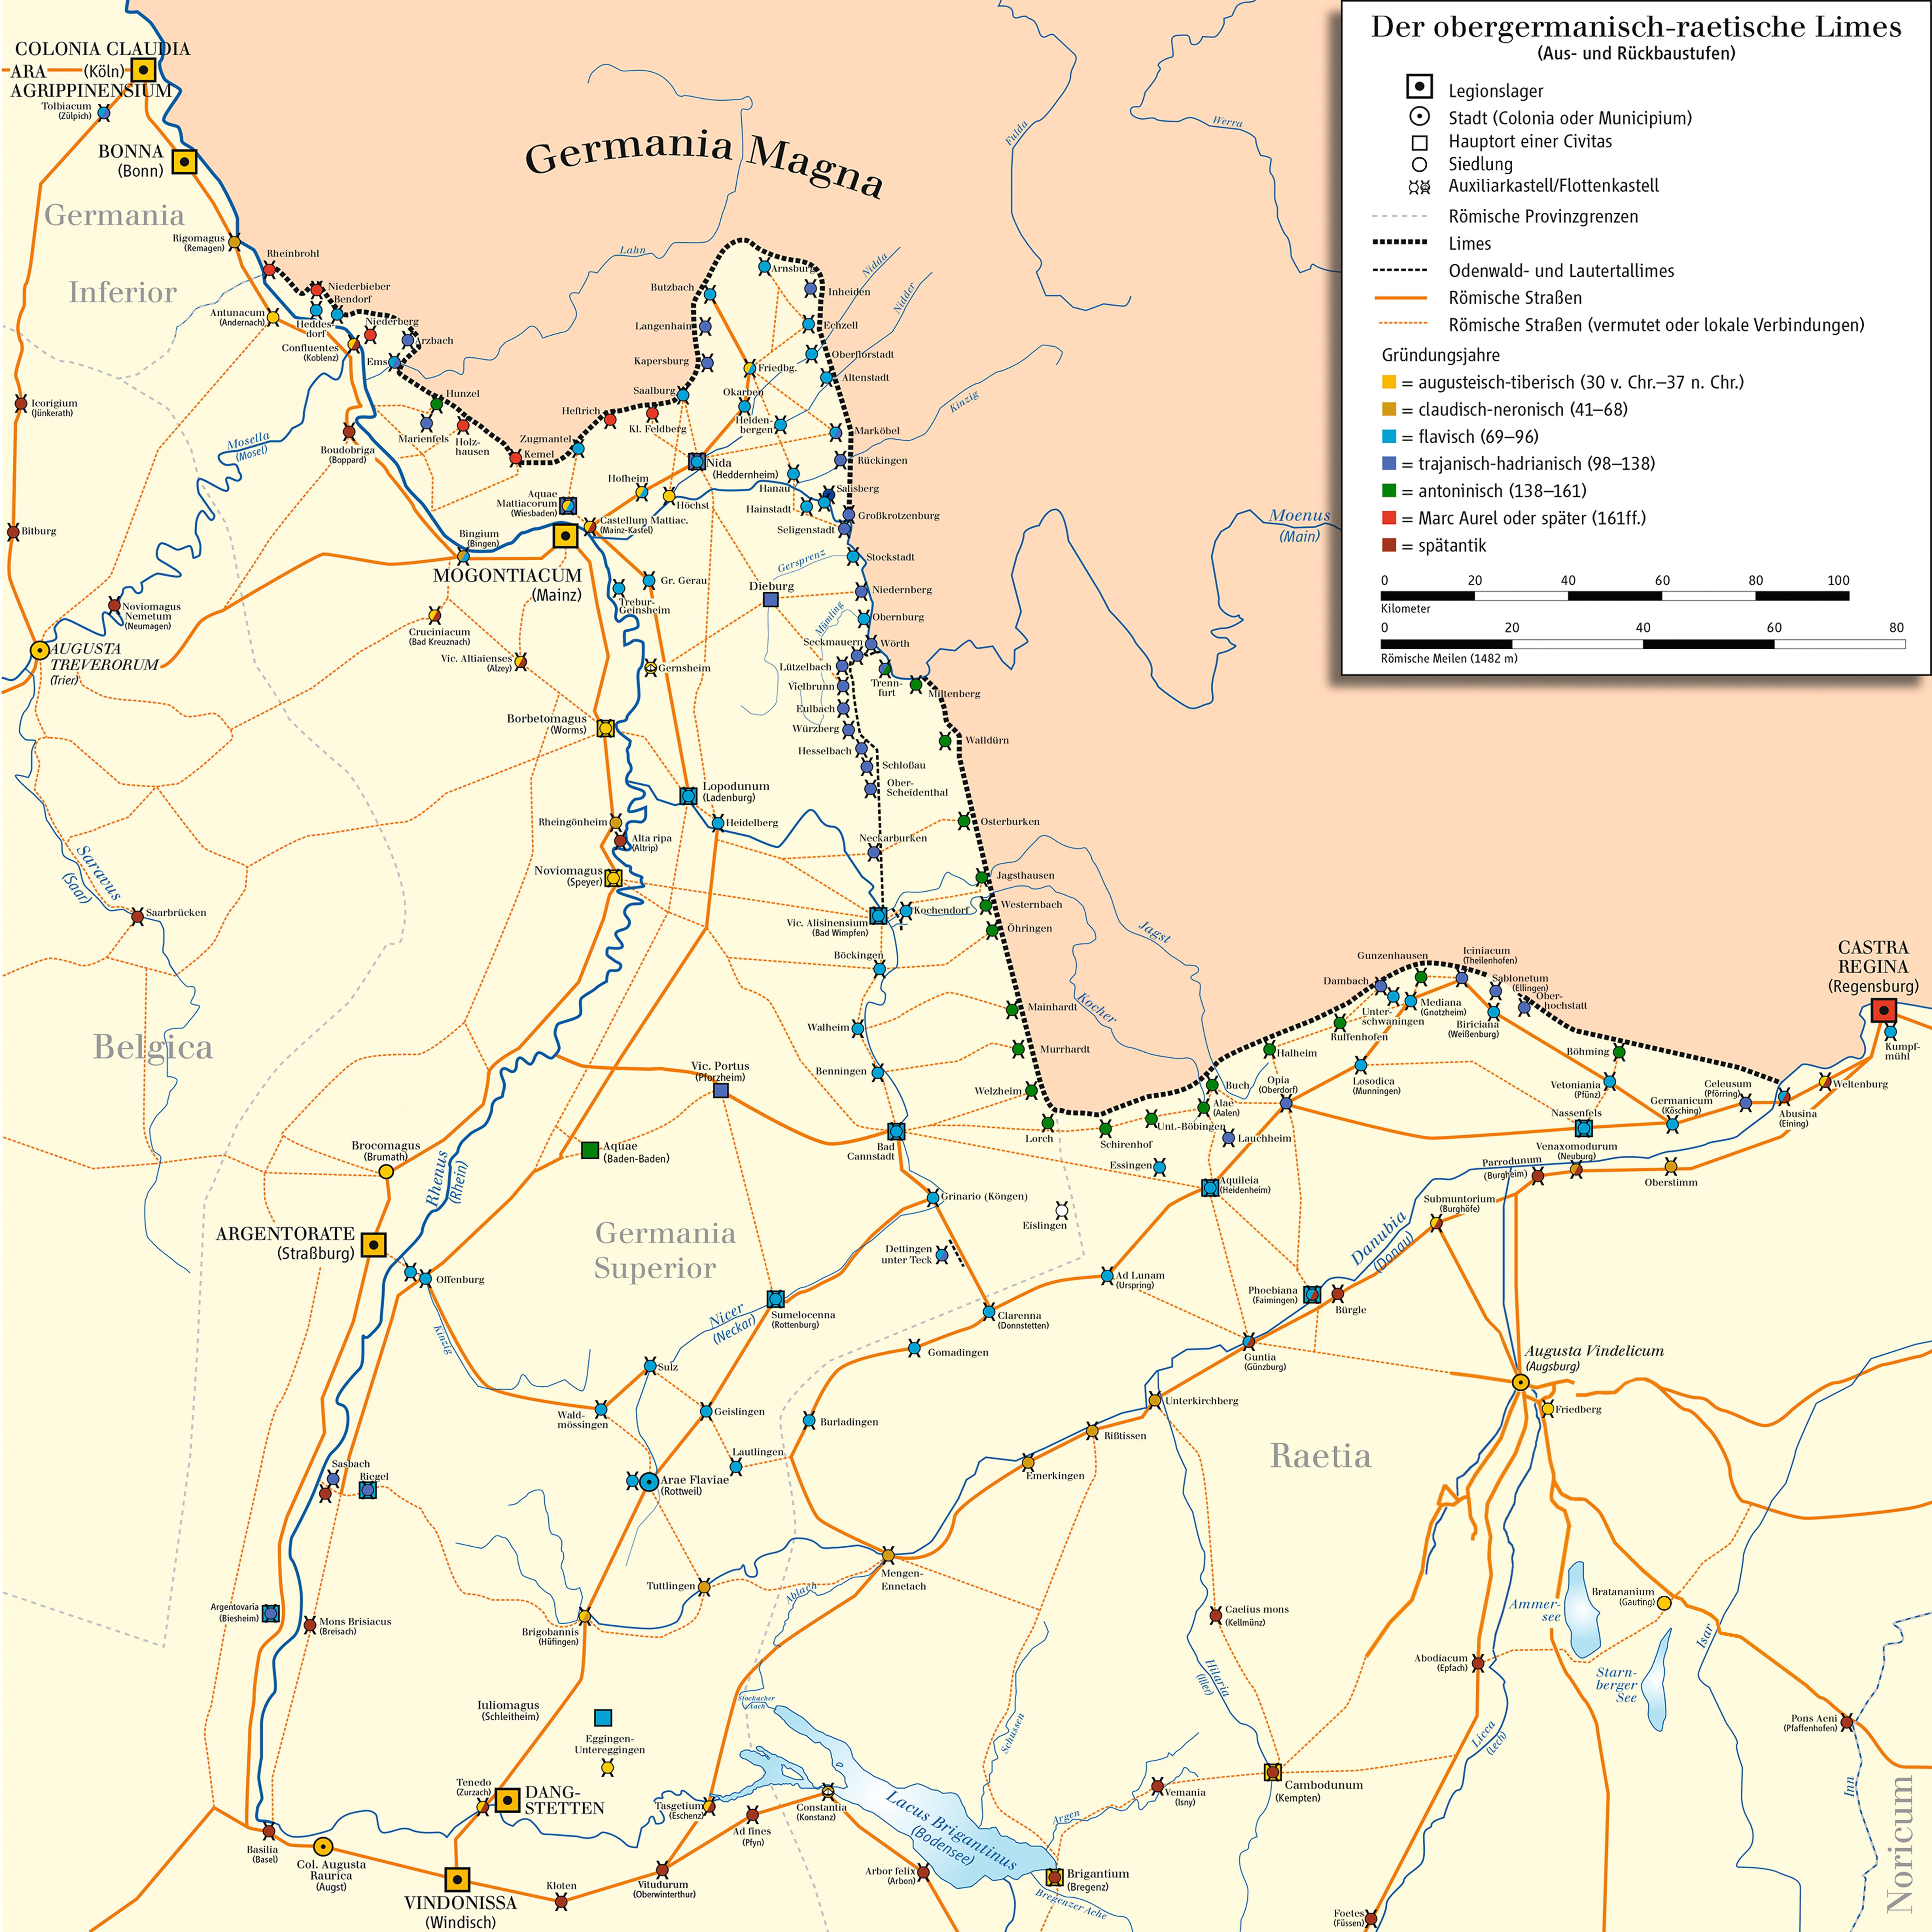 Landkarte Limes (Wikimedia)